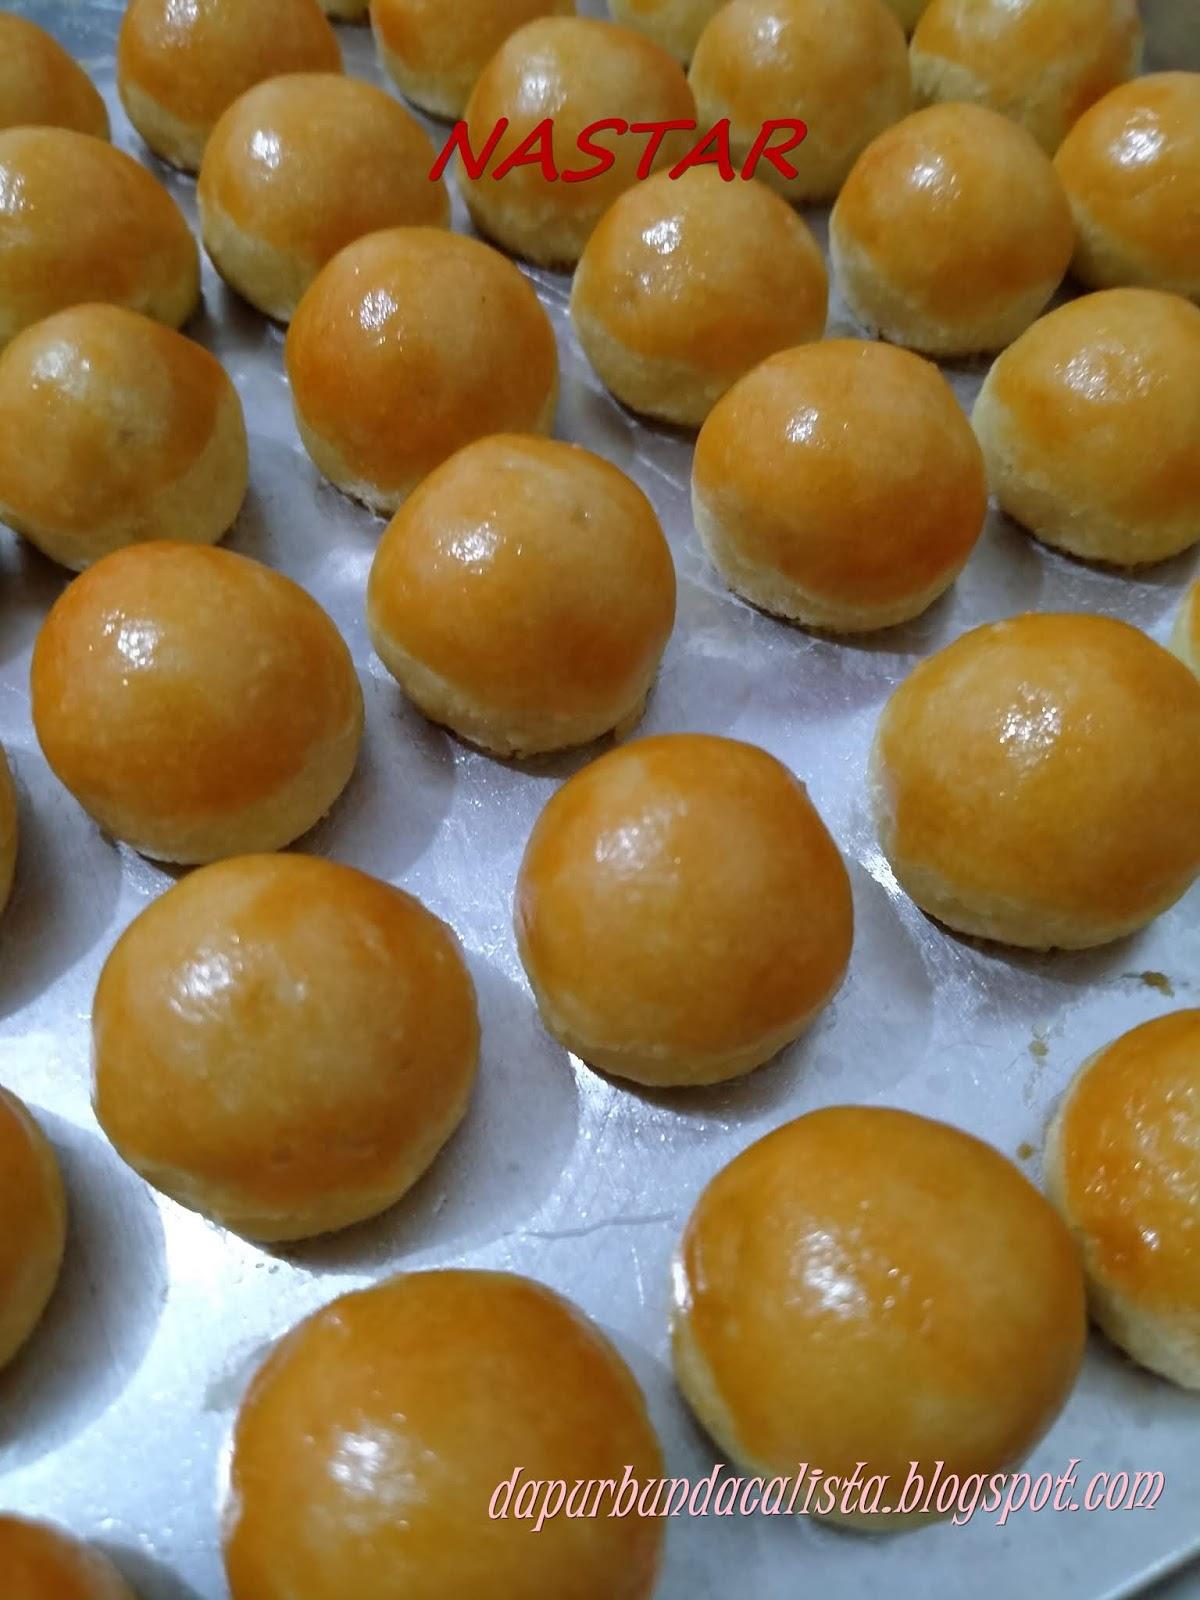 Bahan Bahan Kue Nastar Dan Cara Buatnya : bahan, nastar, buatnya, Dapur, Bunda, Calista